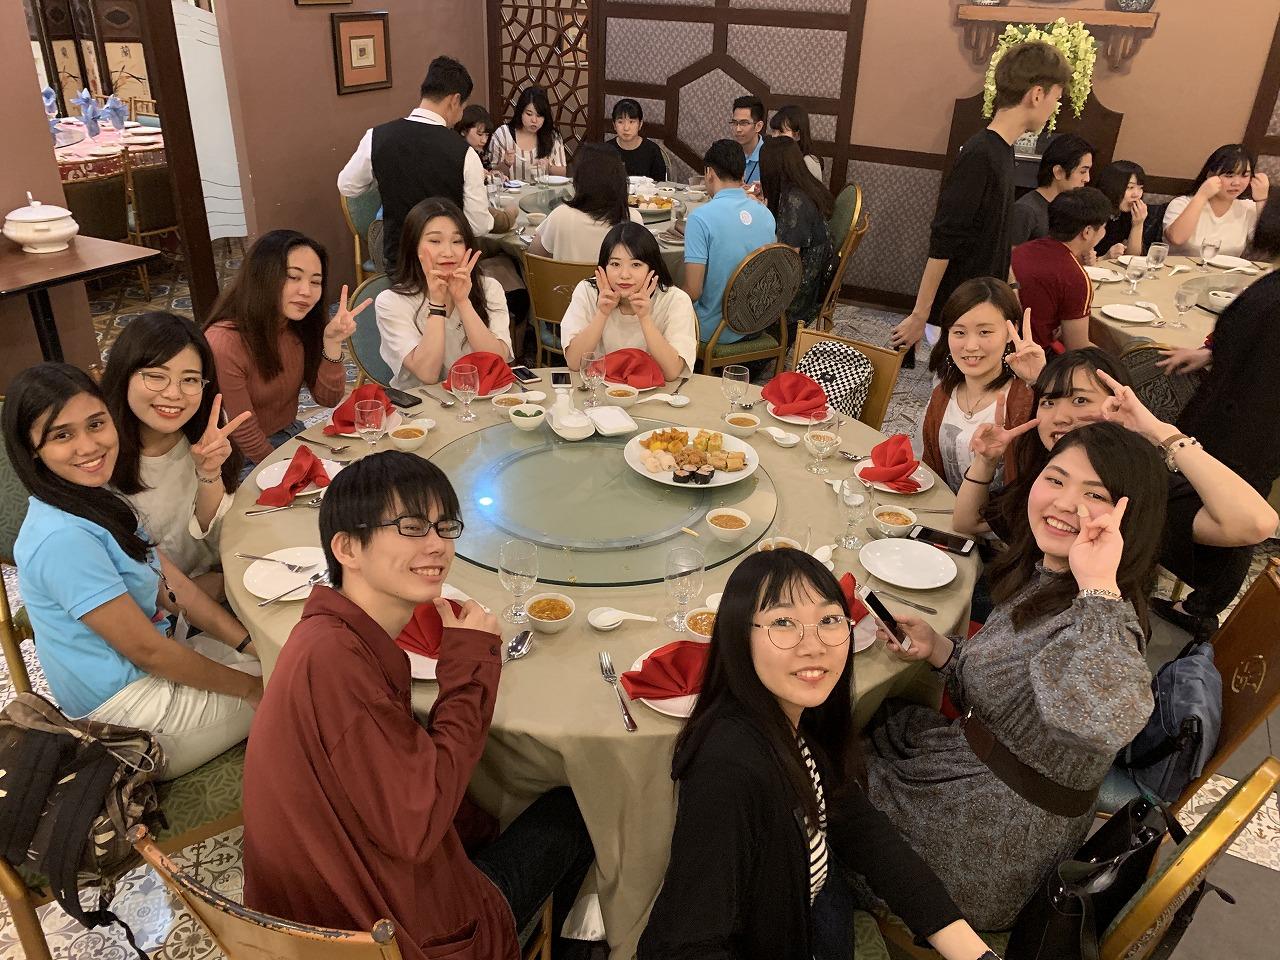 到着後にUPHの学生達と共にディナー